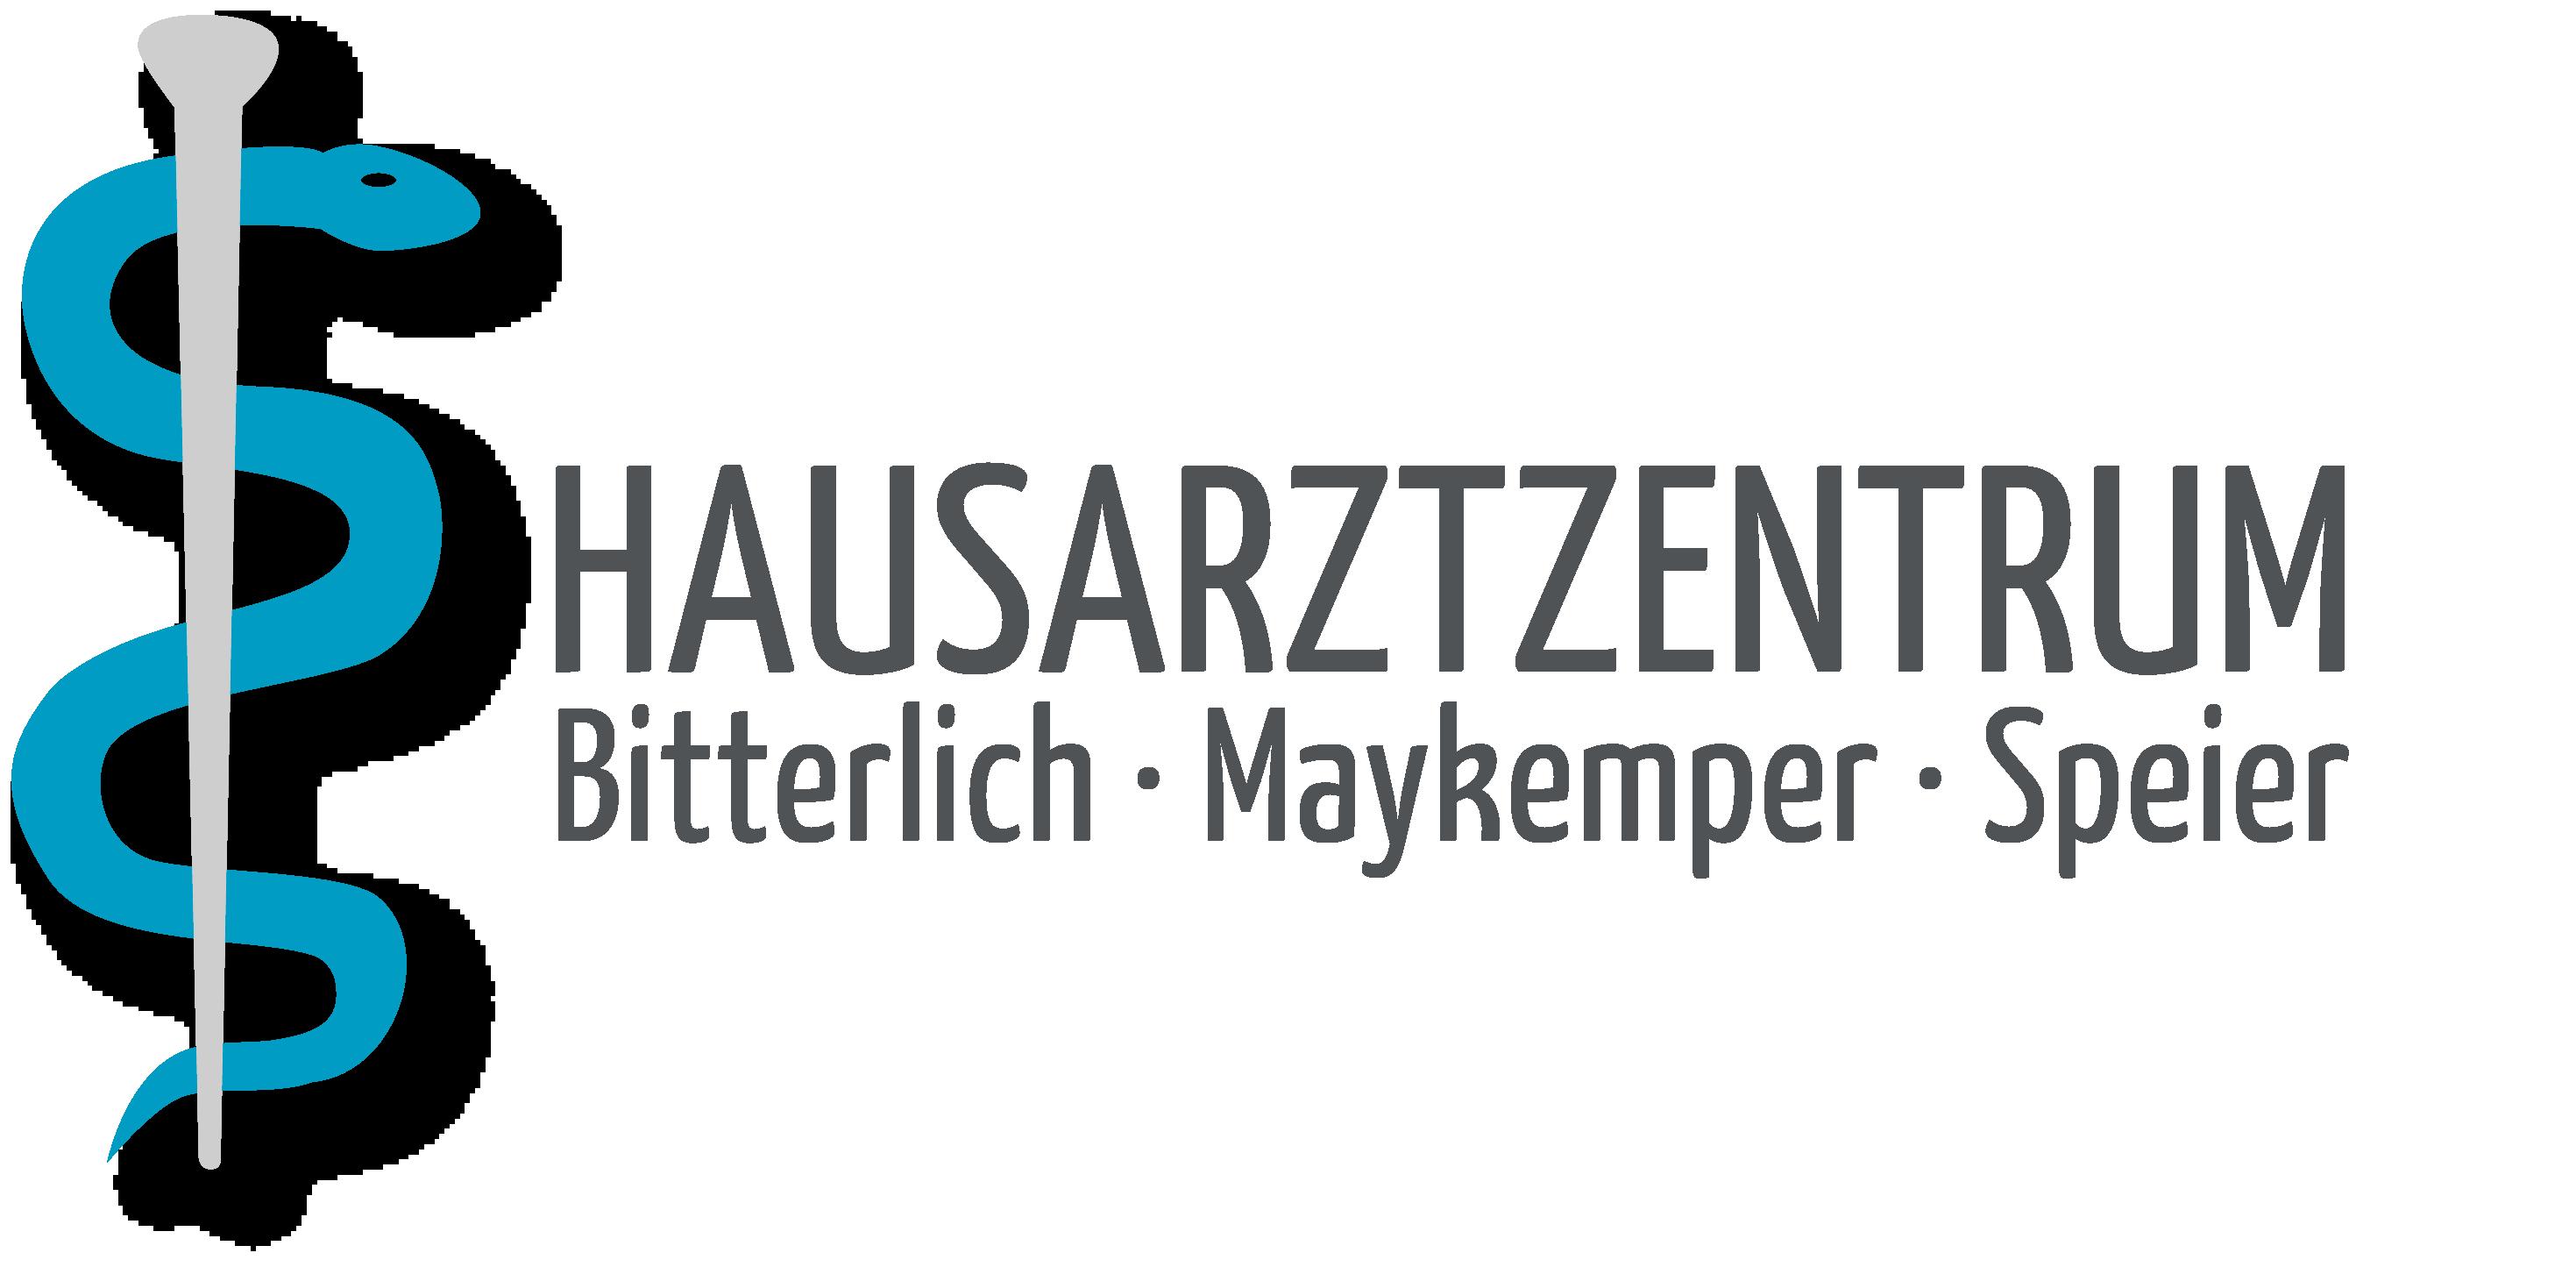 Gemeinschaftspraxis Bitterlich | Maykemper | Speier